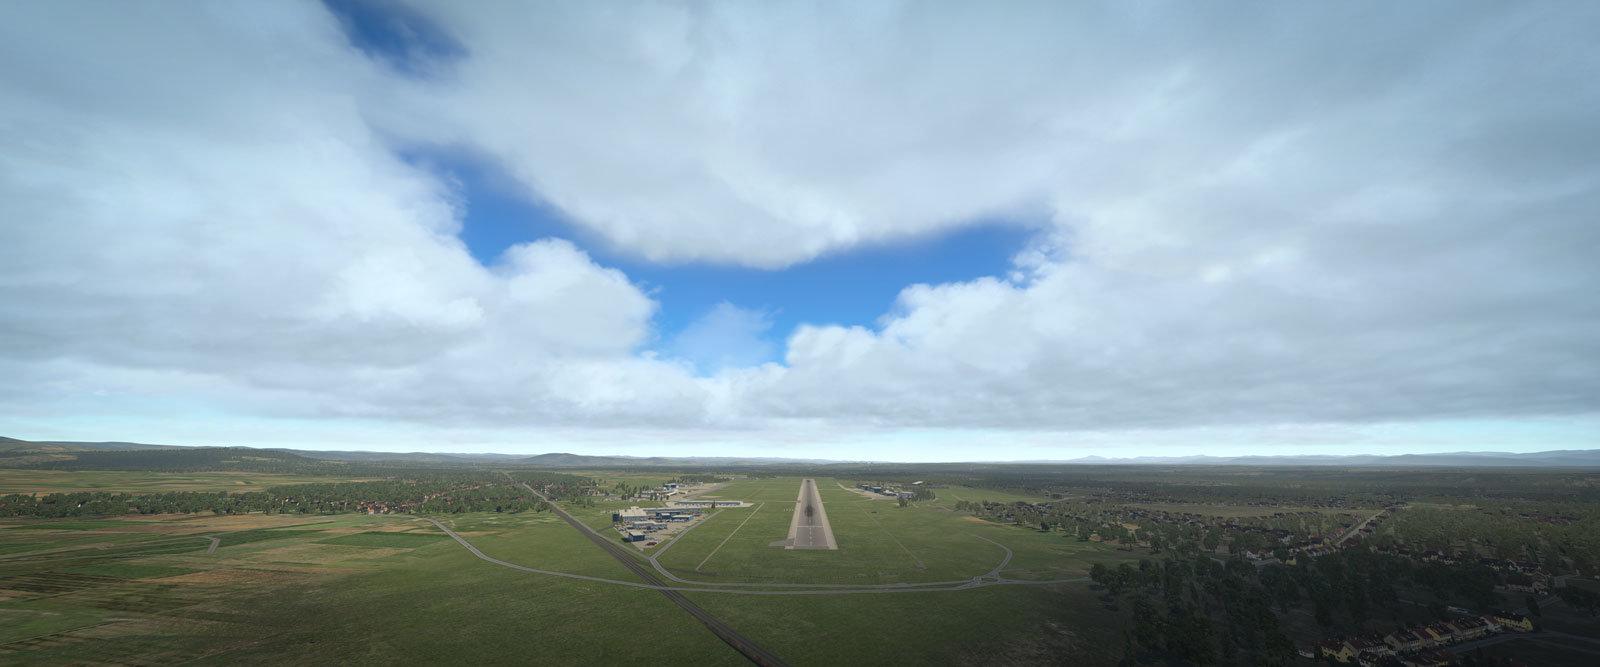 X-Plane-Screenshot-2019.05.07---00.21.07.jpg